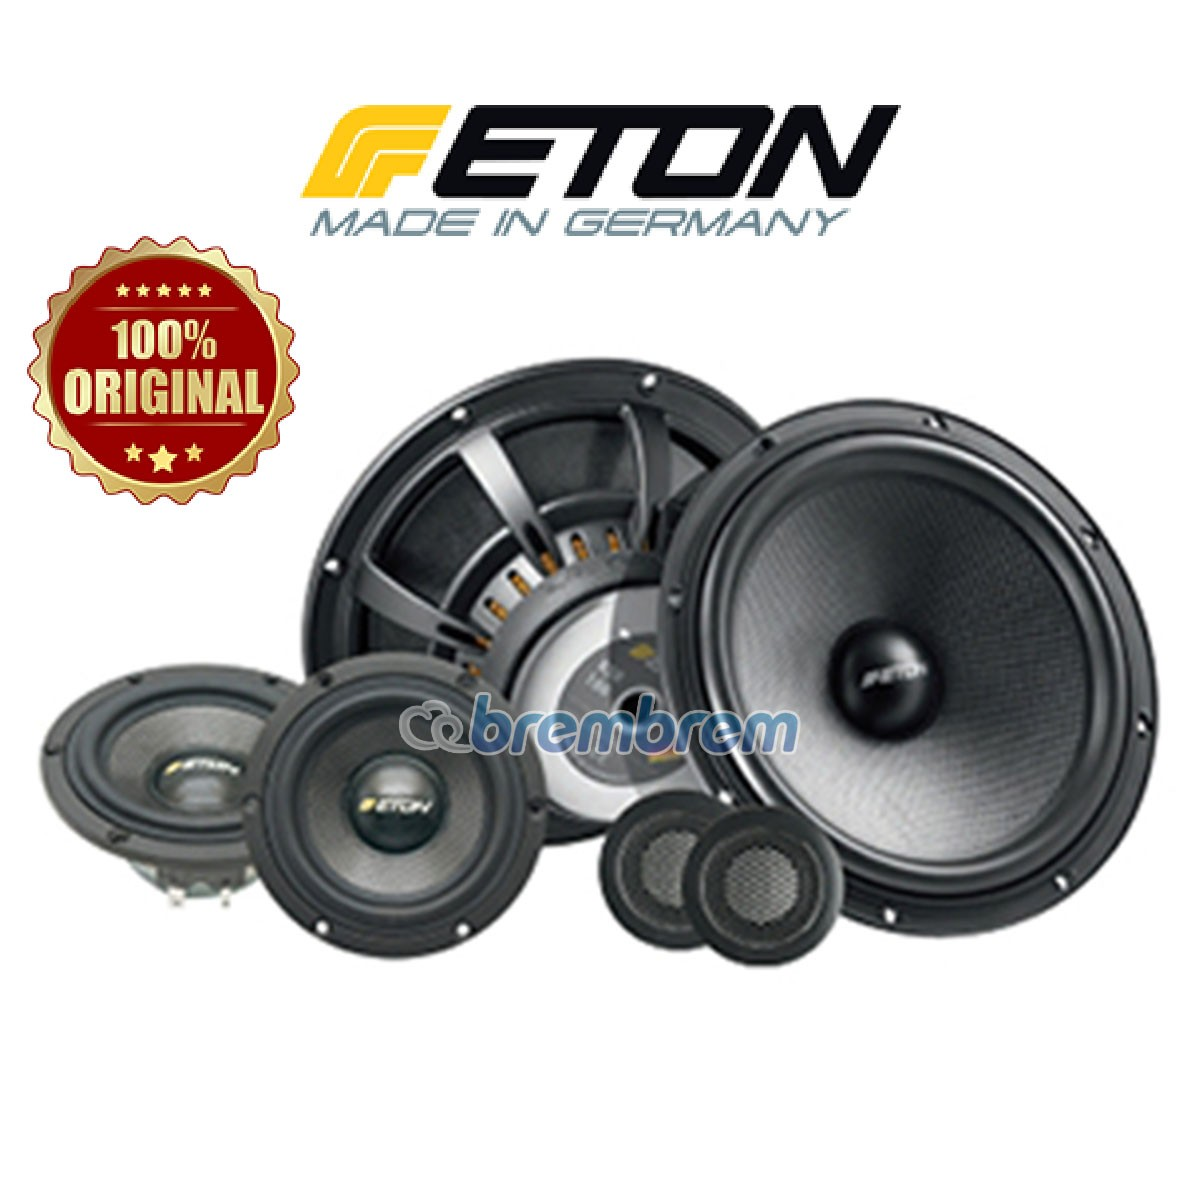 ETON RSR 370 - SPEAKER 3 WAY